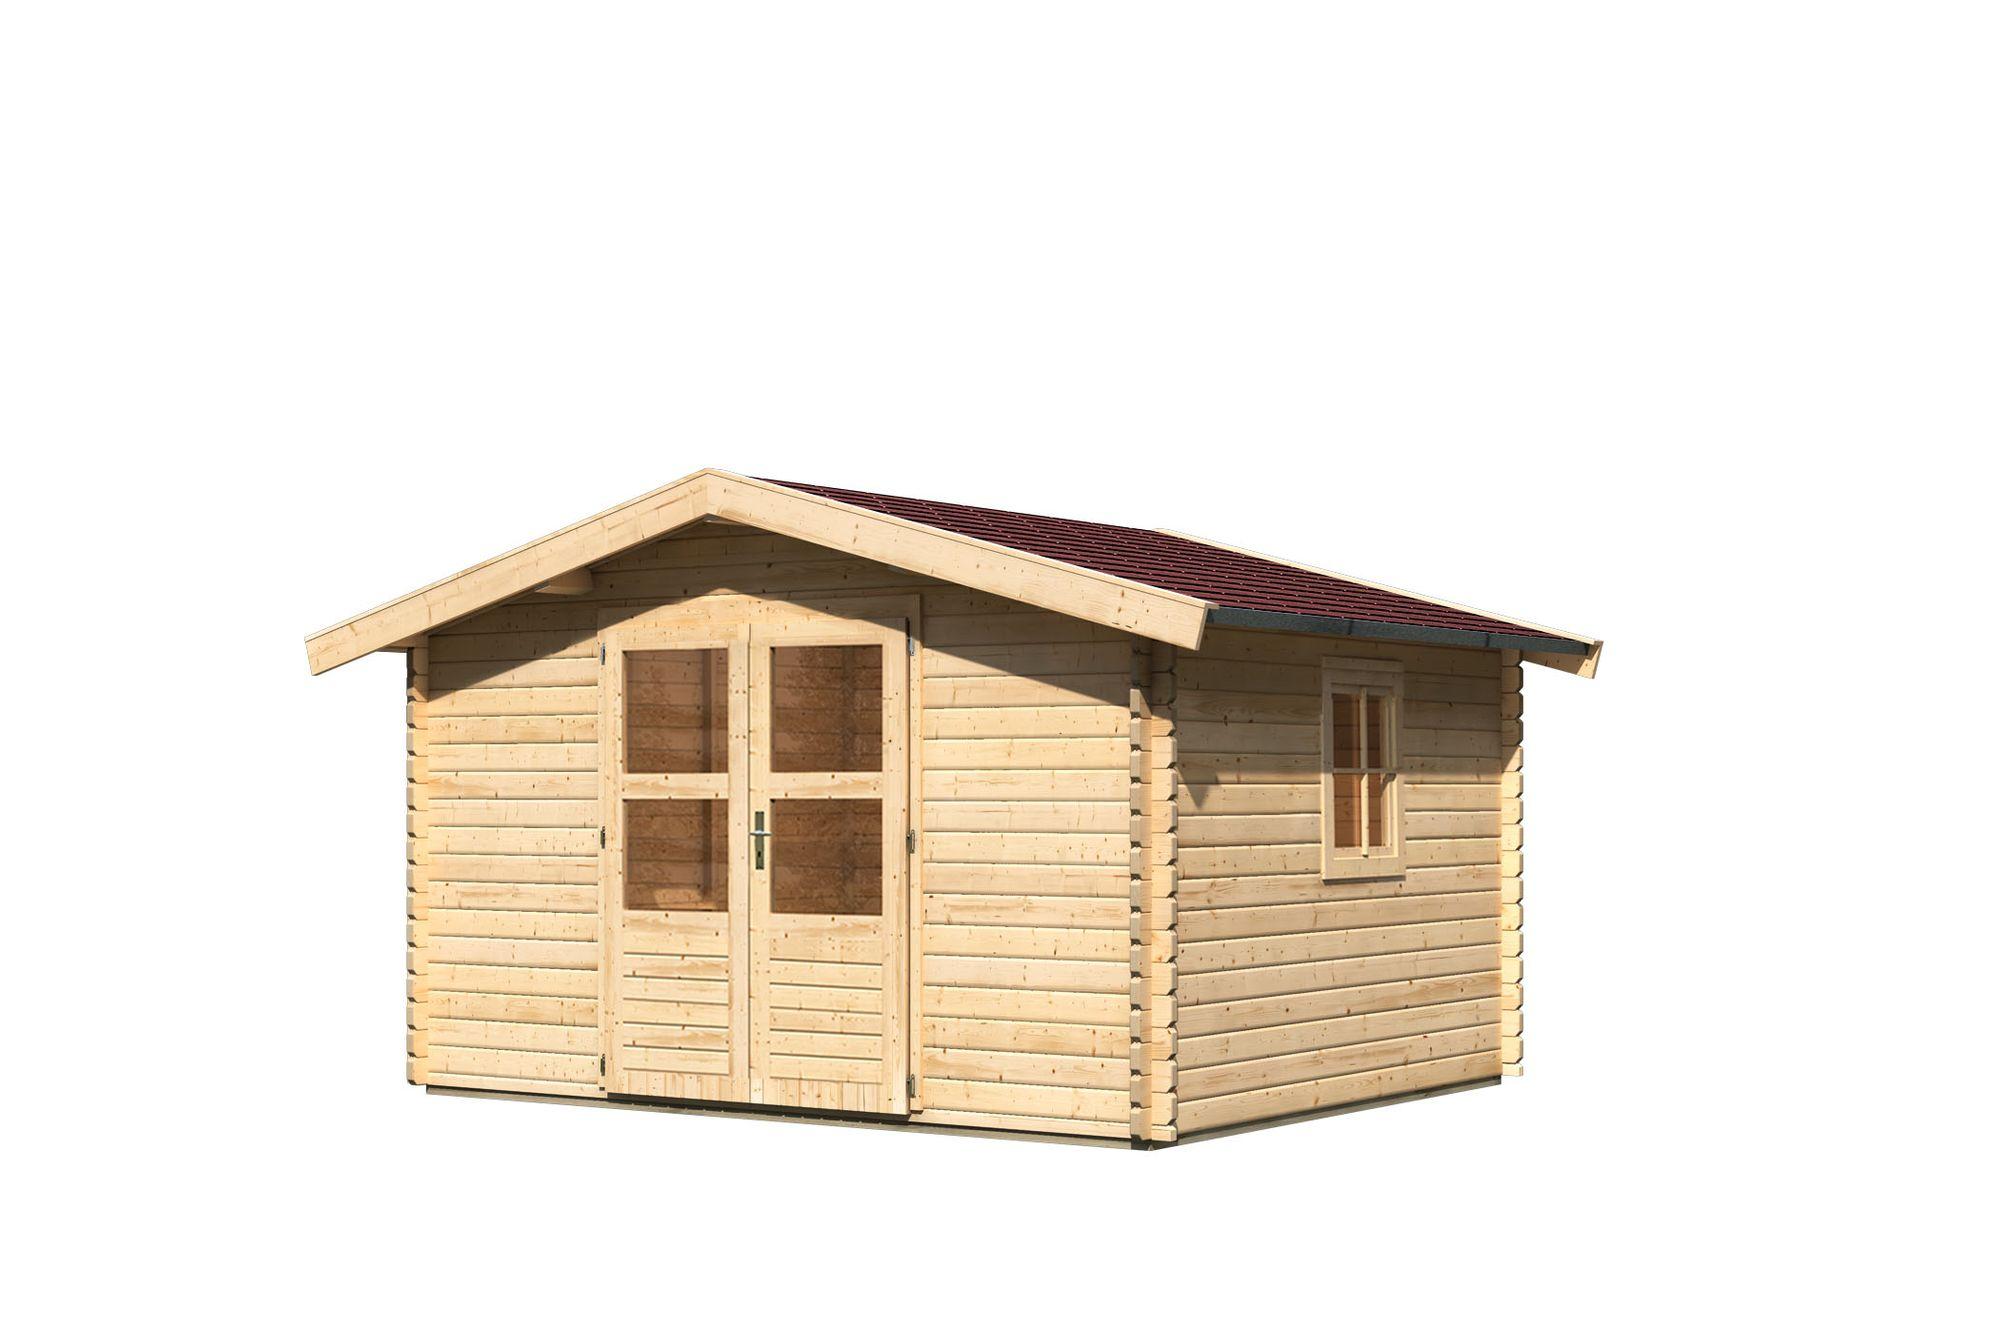 Fußboden Gartenhaus Holz ~ Gartenhaus blockbohlenhaus lenne farbe naturbelassen inkl